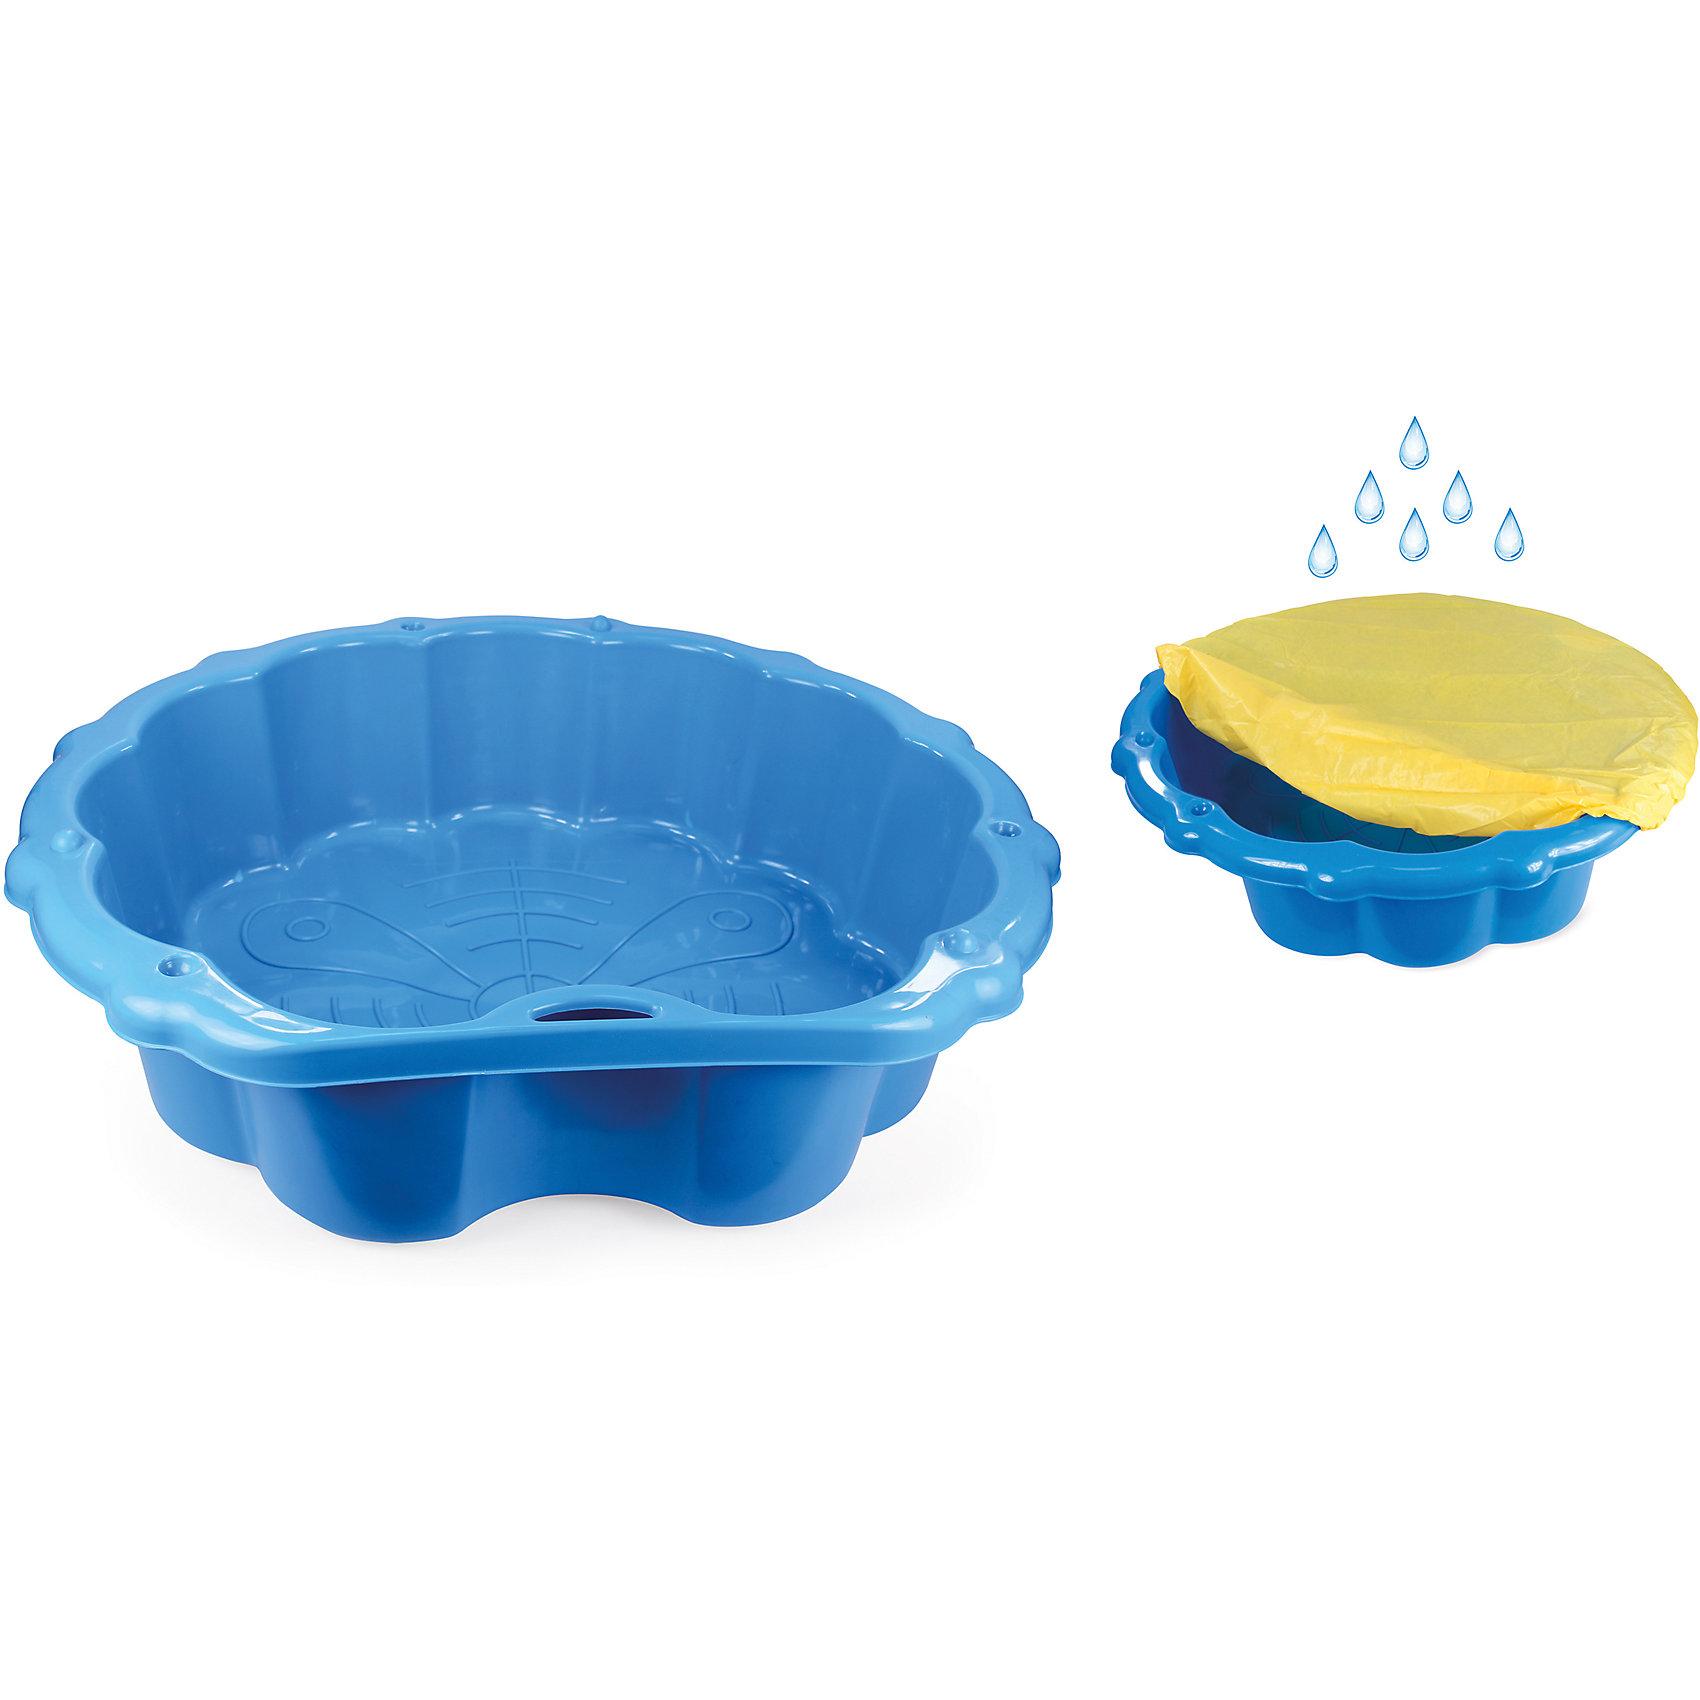 Бассейн малый, с тентом, MochtoysБассейны<br>Бассейн малый, с тентом, Mochtoys.<br><br>Характеристики:<br><br>• Для детей в возрасте: от 1 года<br>• Комплектация: бассейн, тент<br>• Размер: 80 x 87 x 22 см.<br>• Материал: пластик<br>• Цвет: голубой<br>• Вес в упаковке: 1,77 кг.<br><br>Бассейн, Mochtoys подходит для игр на улице и в помещении. Он может использоваться и как мини бассейн, и как песочница. Края загнуты наружу, чтобы ребенок не получил травм. На днище фактурные полоски. Бассейн-песочницу можно закрыть тентом, который идет в комплекте, для защиты от мусора и грязи. Изделие изготовлено из высококачественного экологически чистого пластика, устойчивого к воздействию температур. Поверхность не выгорает на солнце.<br><br>Бассейн малый, с тентом, Mochtoys можно купить в нашем интернет-магазине.<br><br>Ширина мм: 870<br>Глубина мм: 800<br>Высота мм: 220<br>Вес г: 1770<br>Возраст от месяцев: 12<br>Возраст до месяцев: 84<br>Пол: Унисекс<br>Возраст: Детский<br>SKU: 5510718